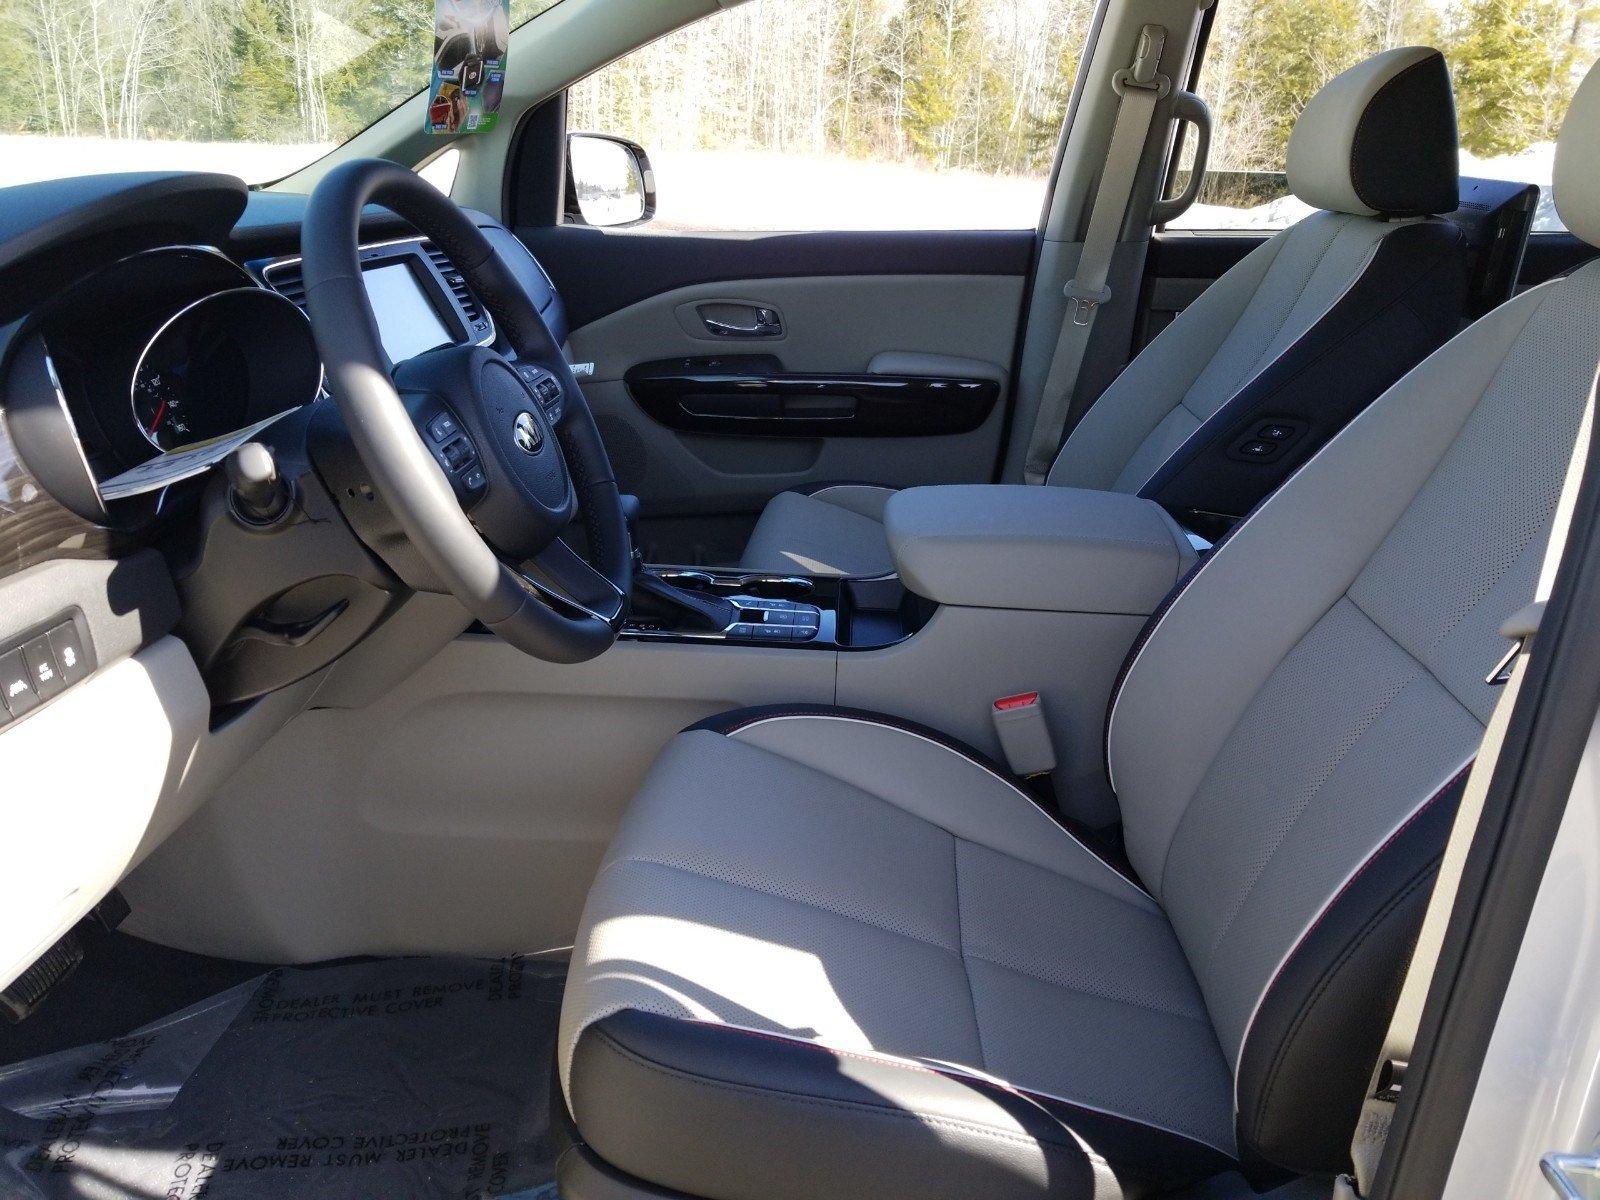 New 2019 Kia Sedona For Sale at Bill Dodge Kia   VIN: KNDMC5C10K6535677